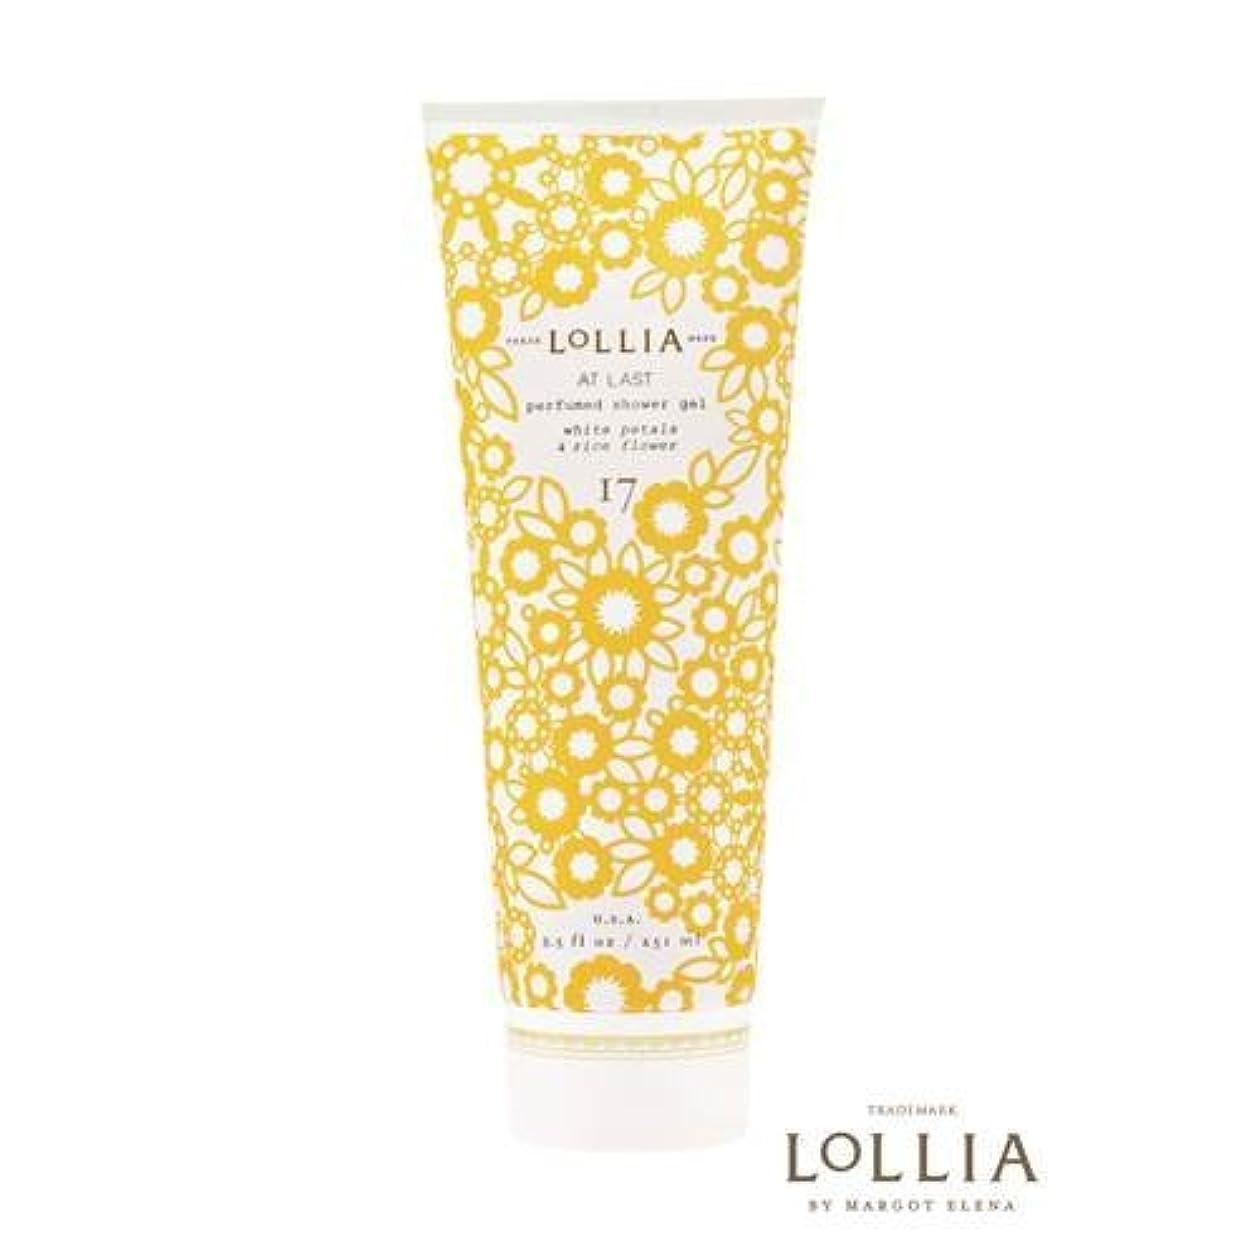 摂氏海里意志に反するロリア(LoLLIA) パフュームドシャワージェル AtLast 251ml(全身用洗浄料 ボディーソープ ライスフラワー、マグノリアとミモザの柔らかな花々の香り)